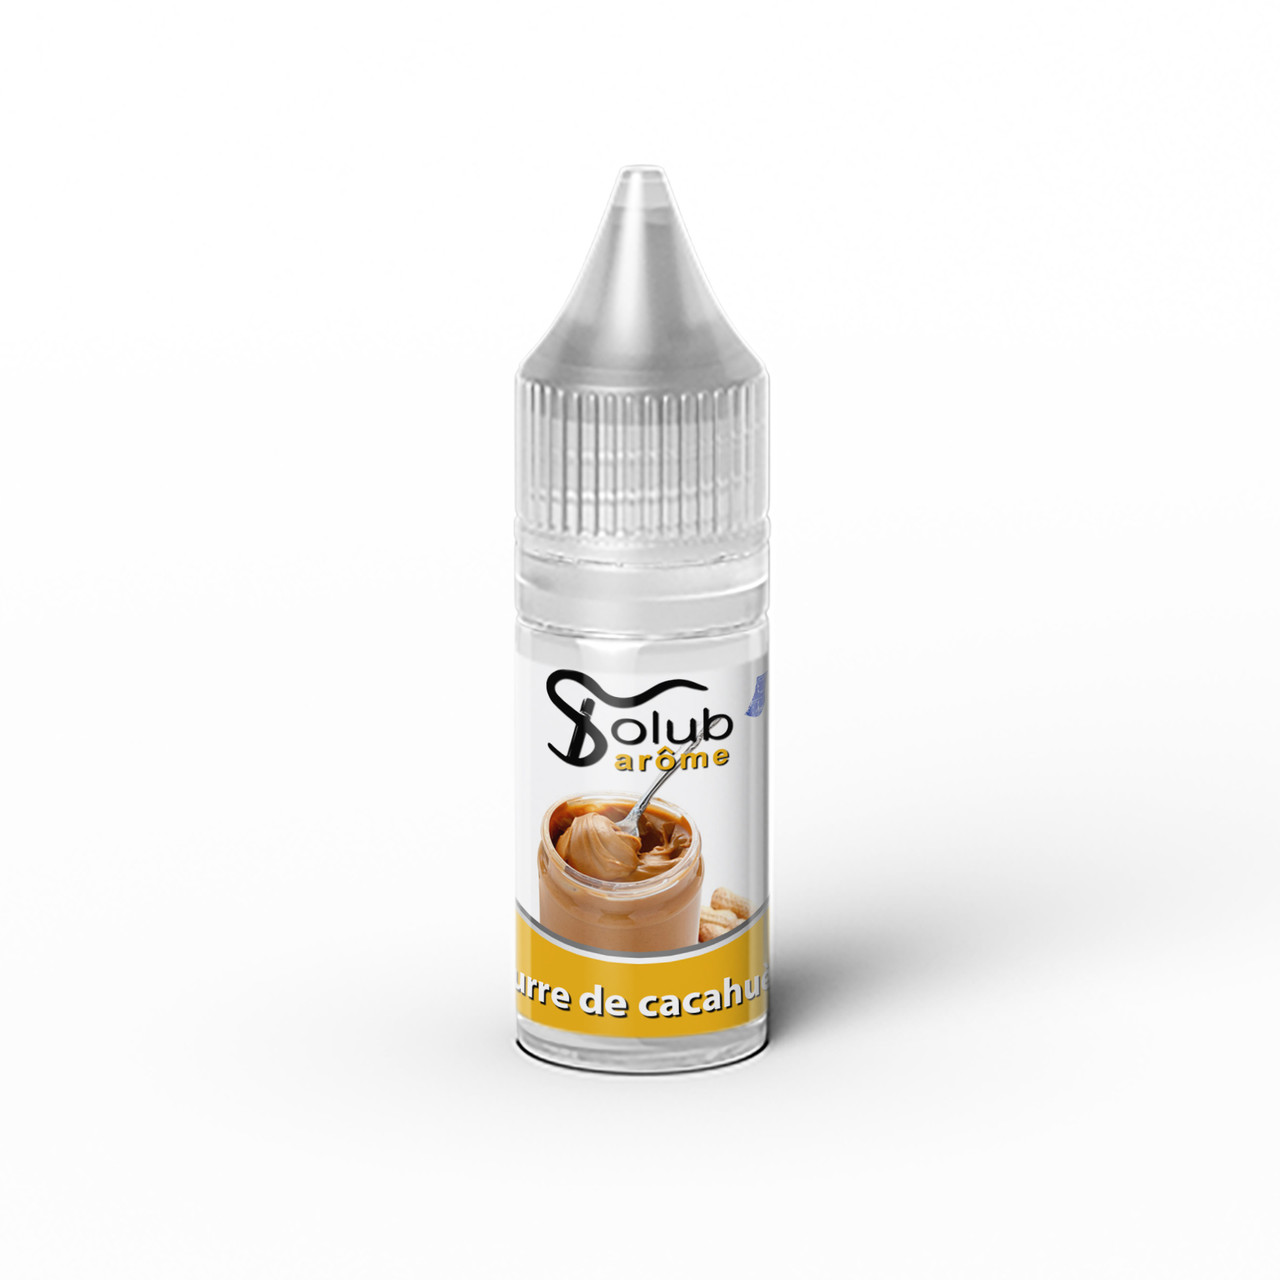 Ароматизатор Solub Arome - Beurre de cacahuète (Арахисовое масло), 10 мл.